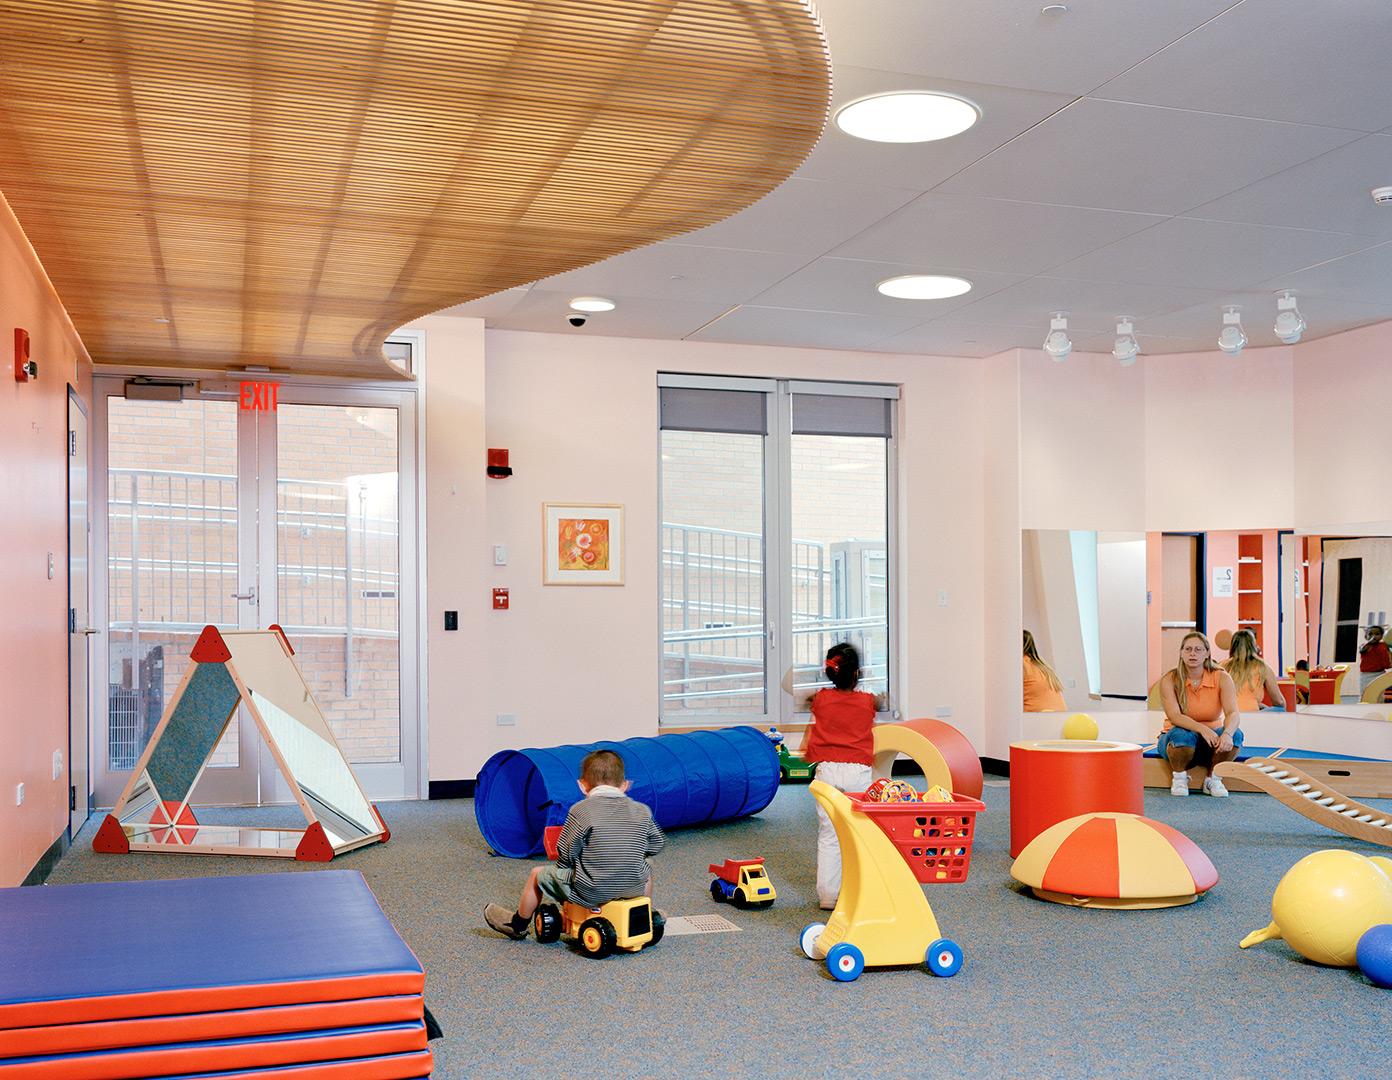 Studio G Architects Play Portfolio Technology Children